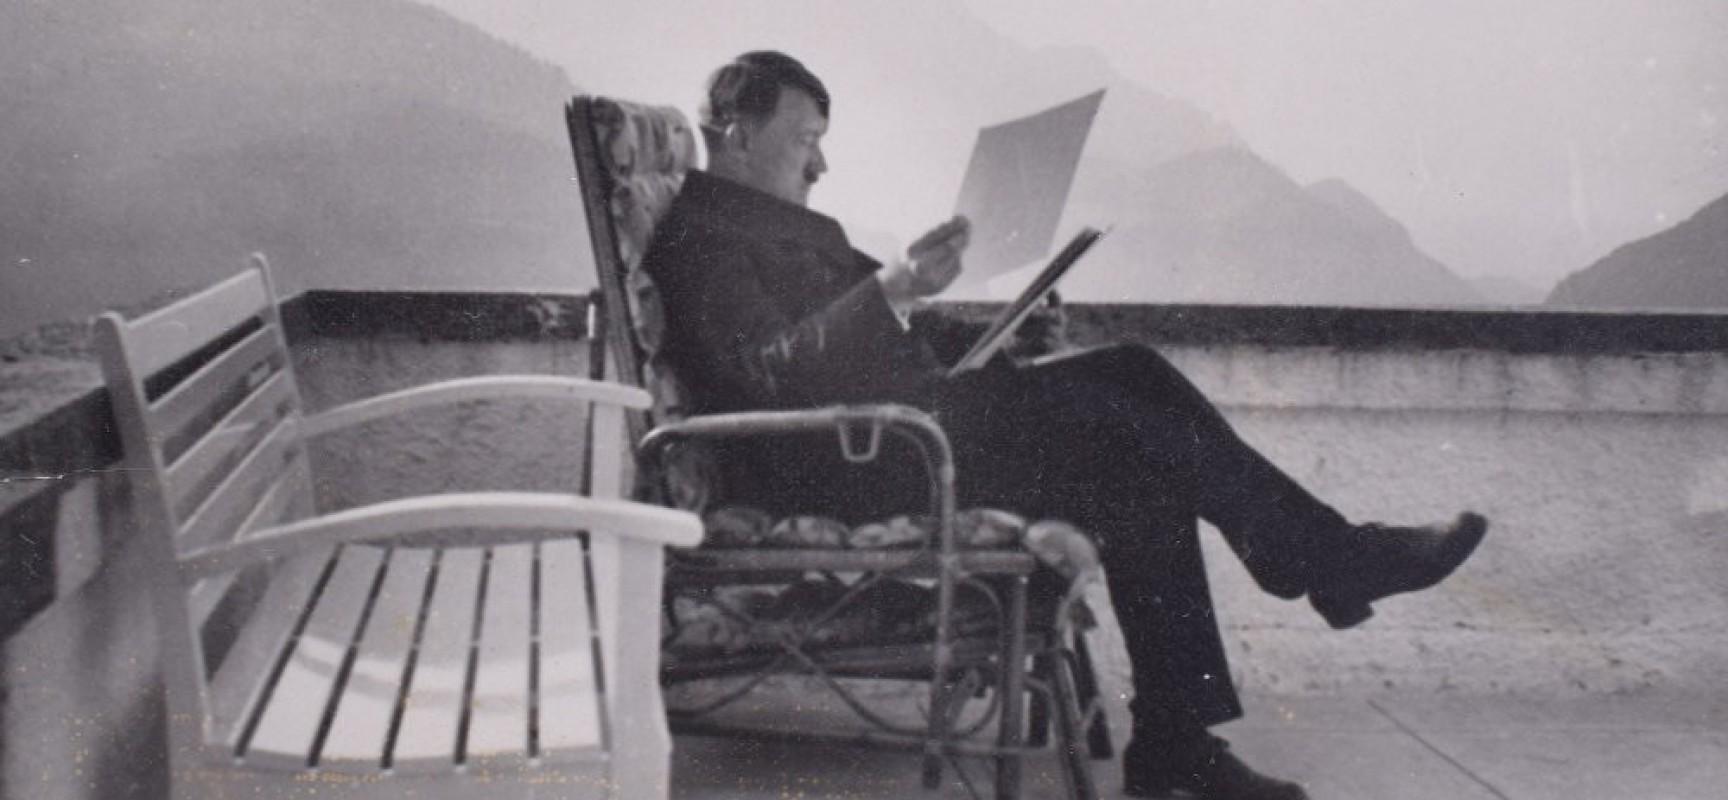 Des documents déclassifiés de la CIA révèlent que Hitler était vivant et en bonne santé en Argentine dans les années 1950